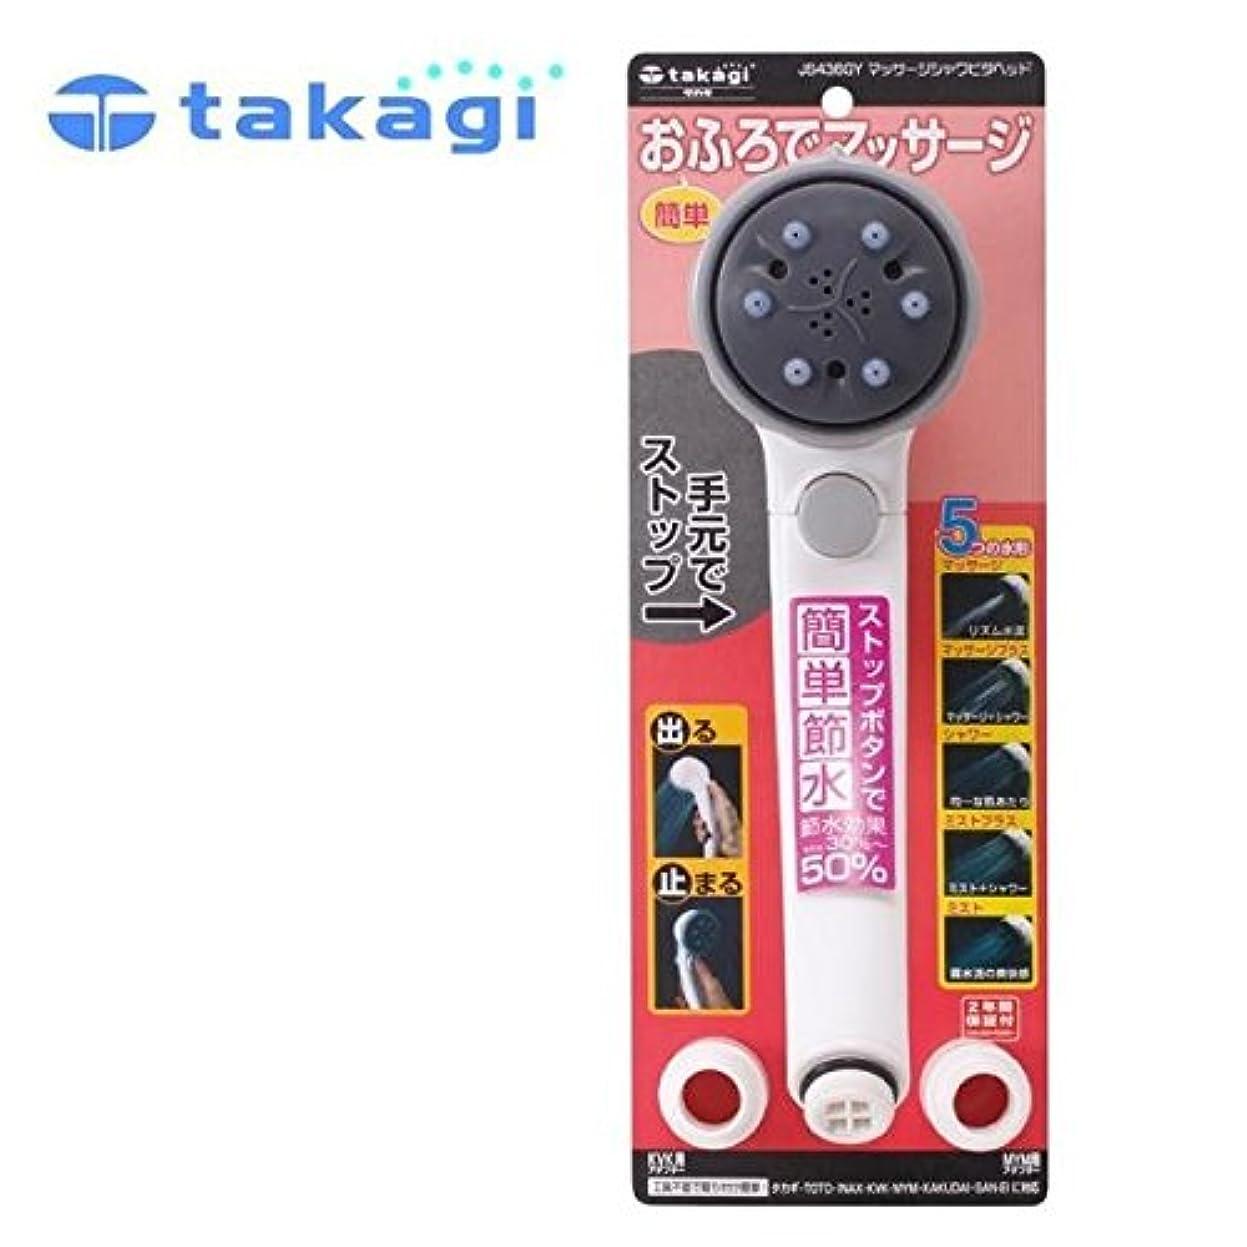 メトロポリタンスプーン高速道路takagi タカギ 浴室用シャワーヘッド マッサージシャワピタヘッド【同梱?代引不可】